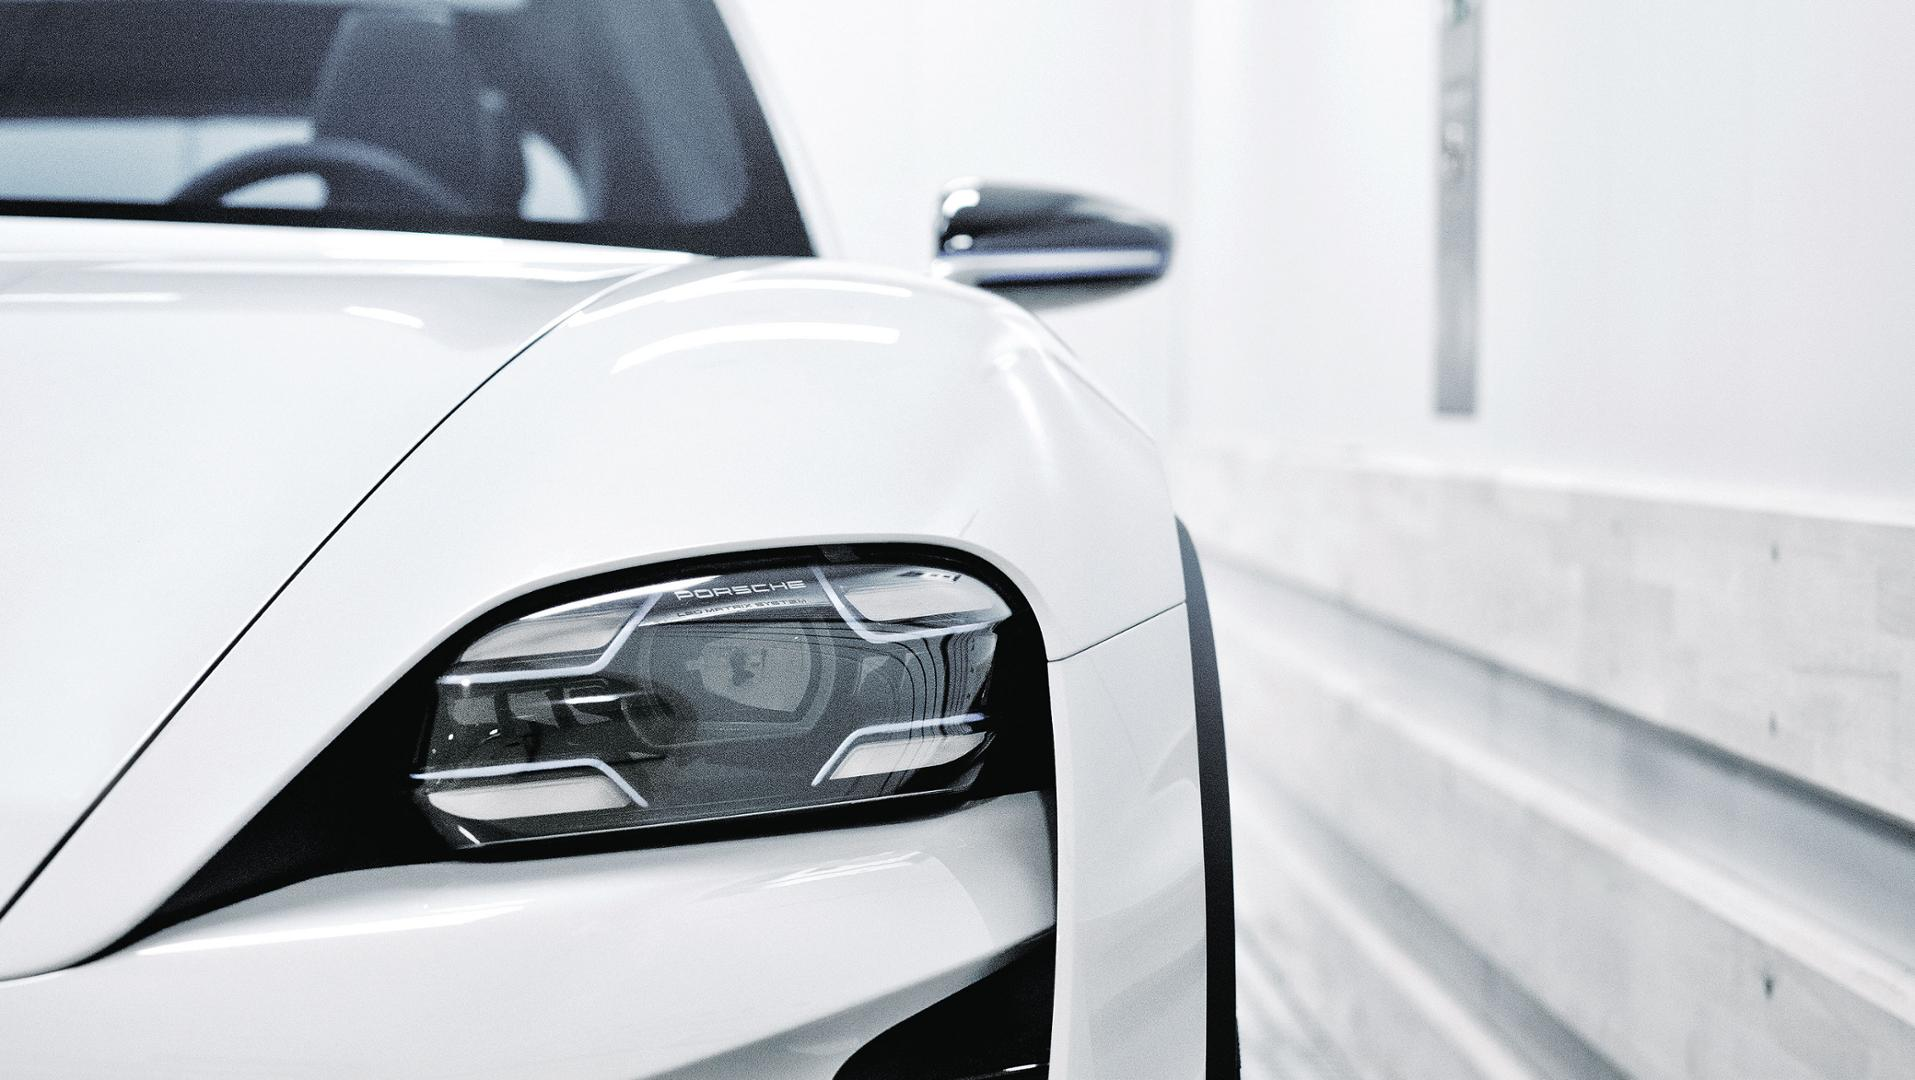 Anunciadas las especificaciones técnicas del Porsche Taycan